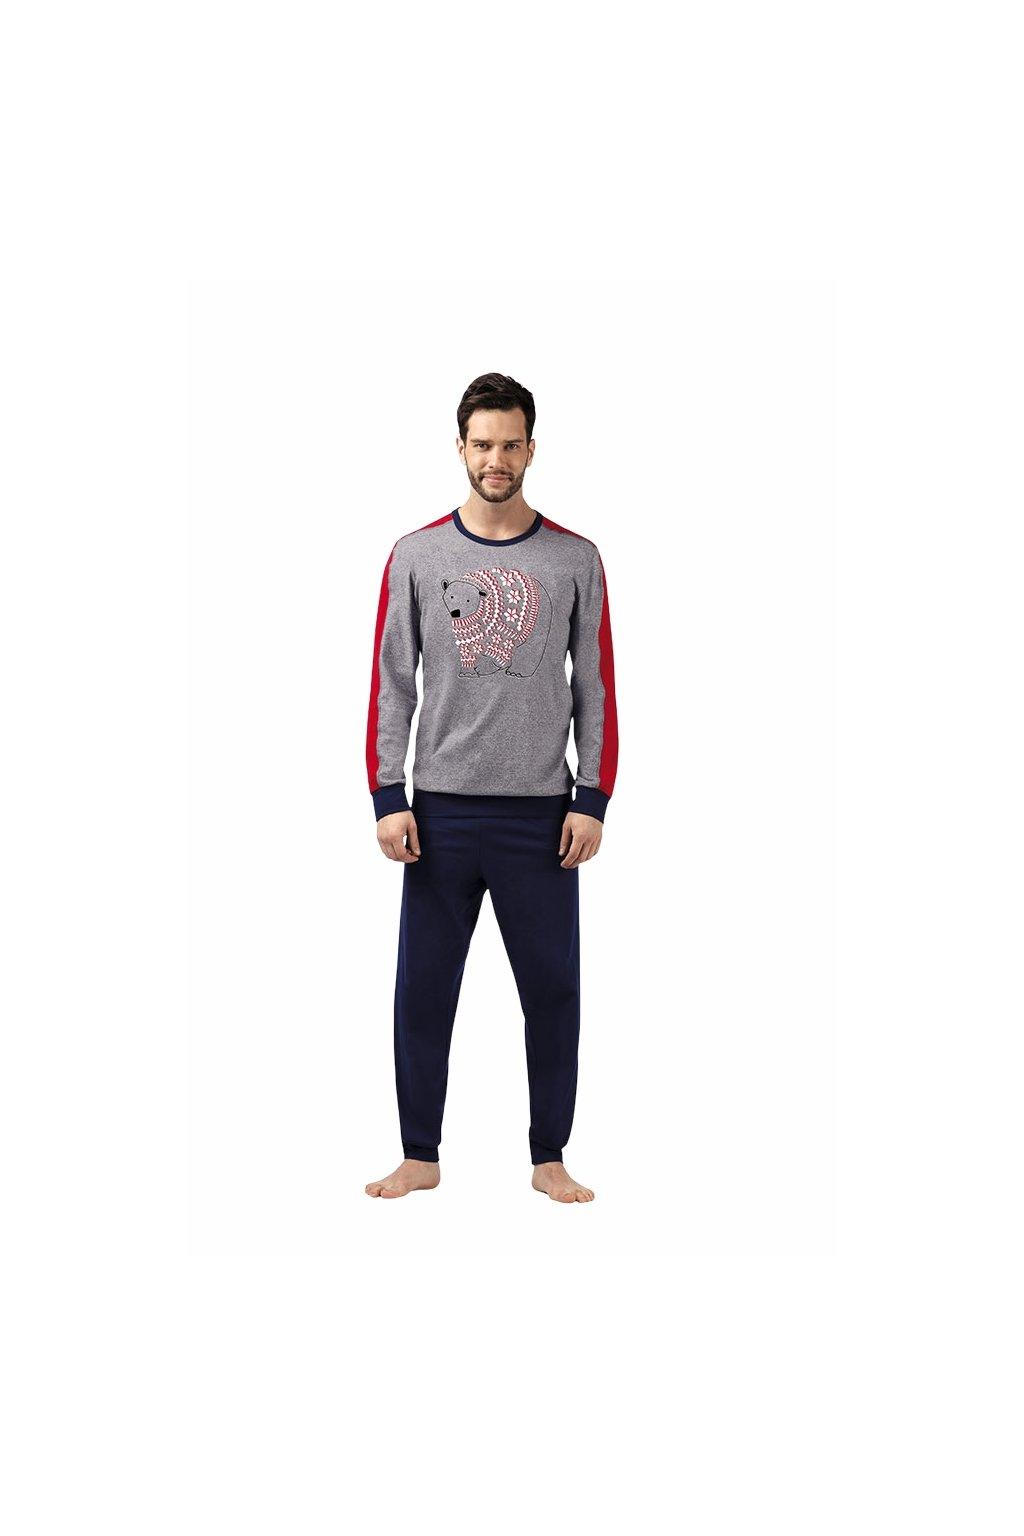 Pánské pyžamo s dlouhým rukávem, 204102 908, modrá/červená